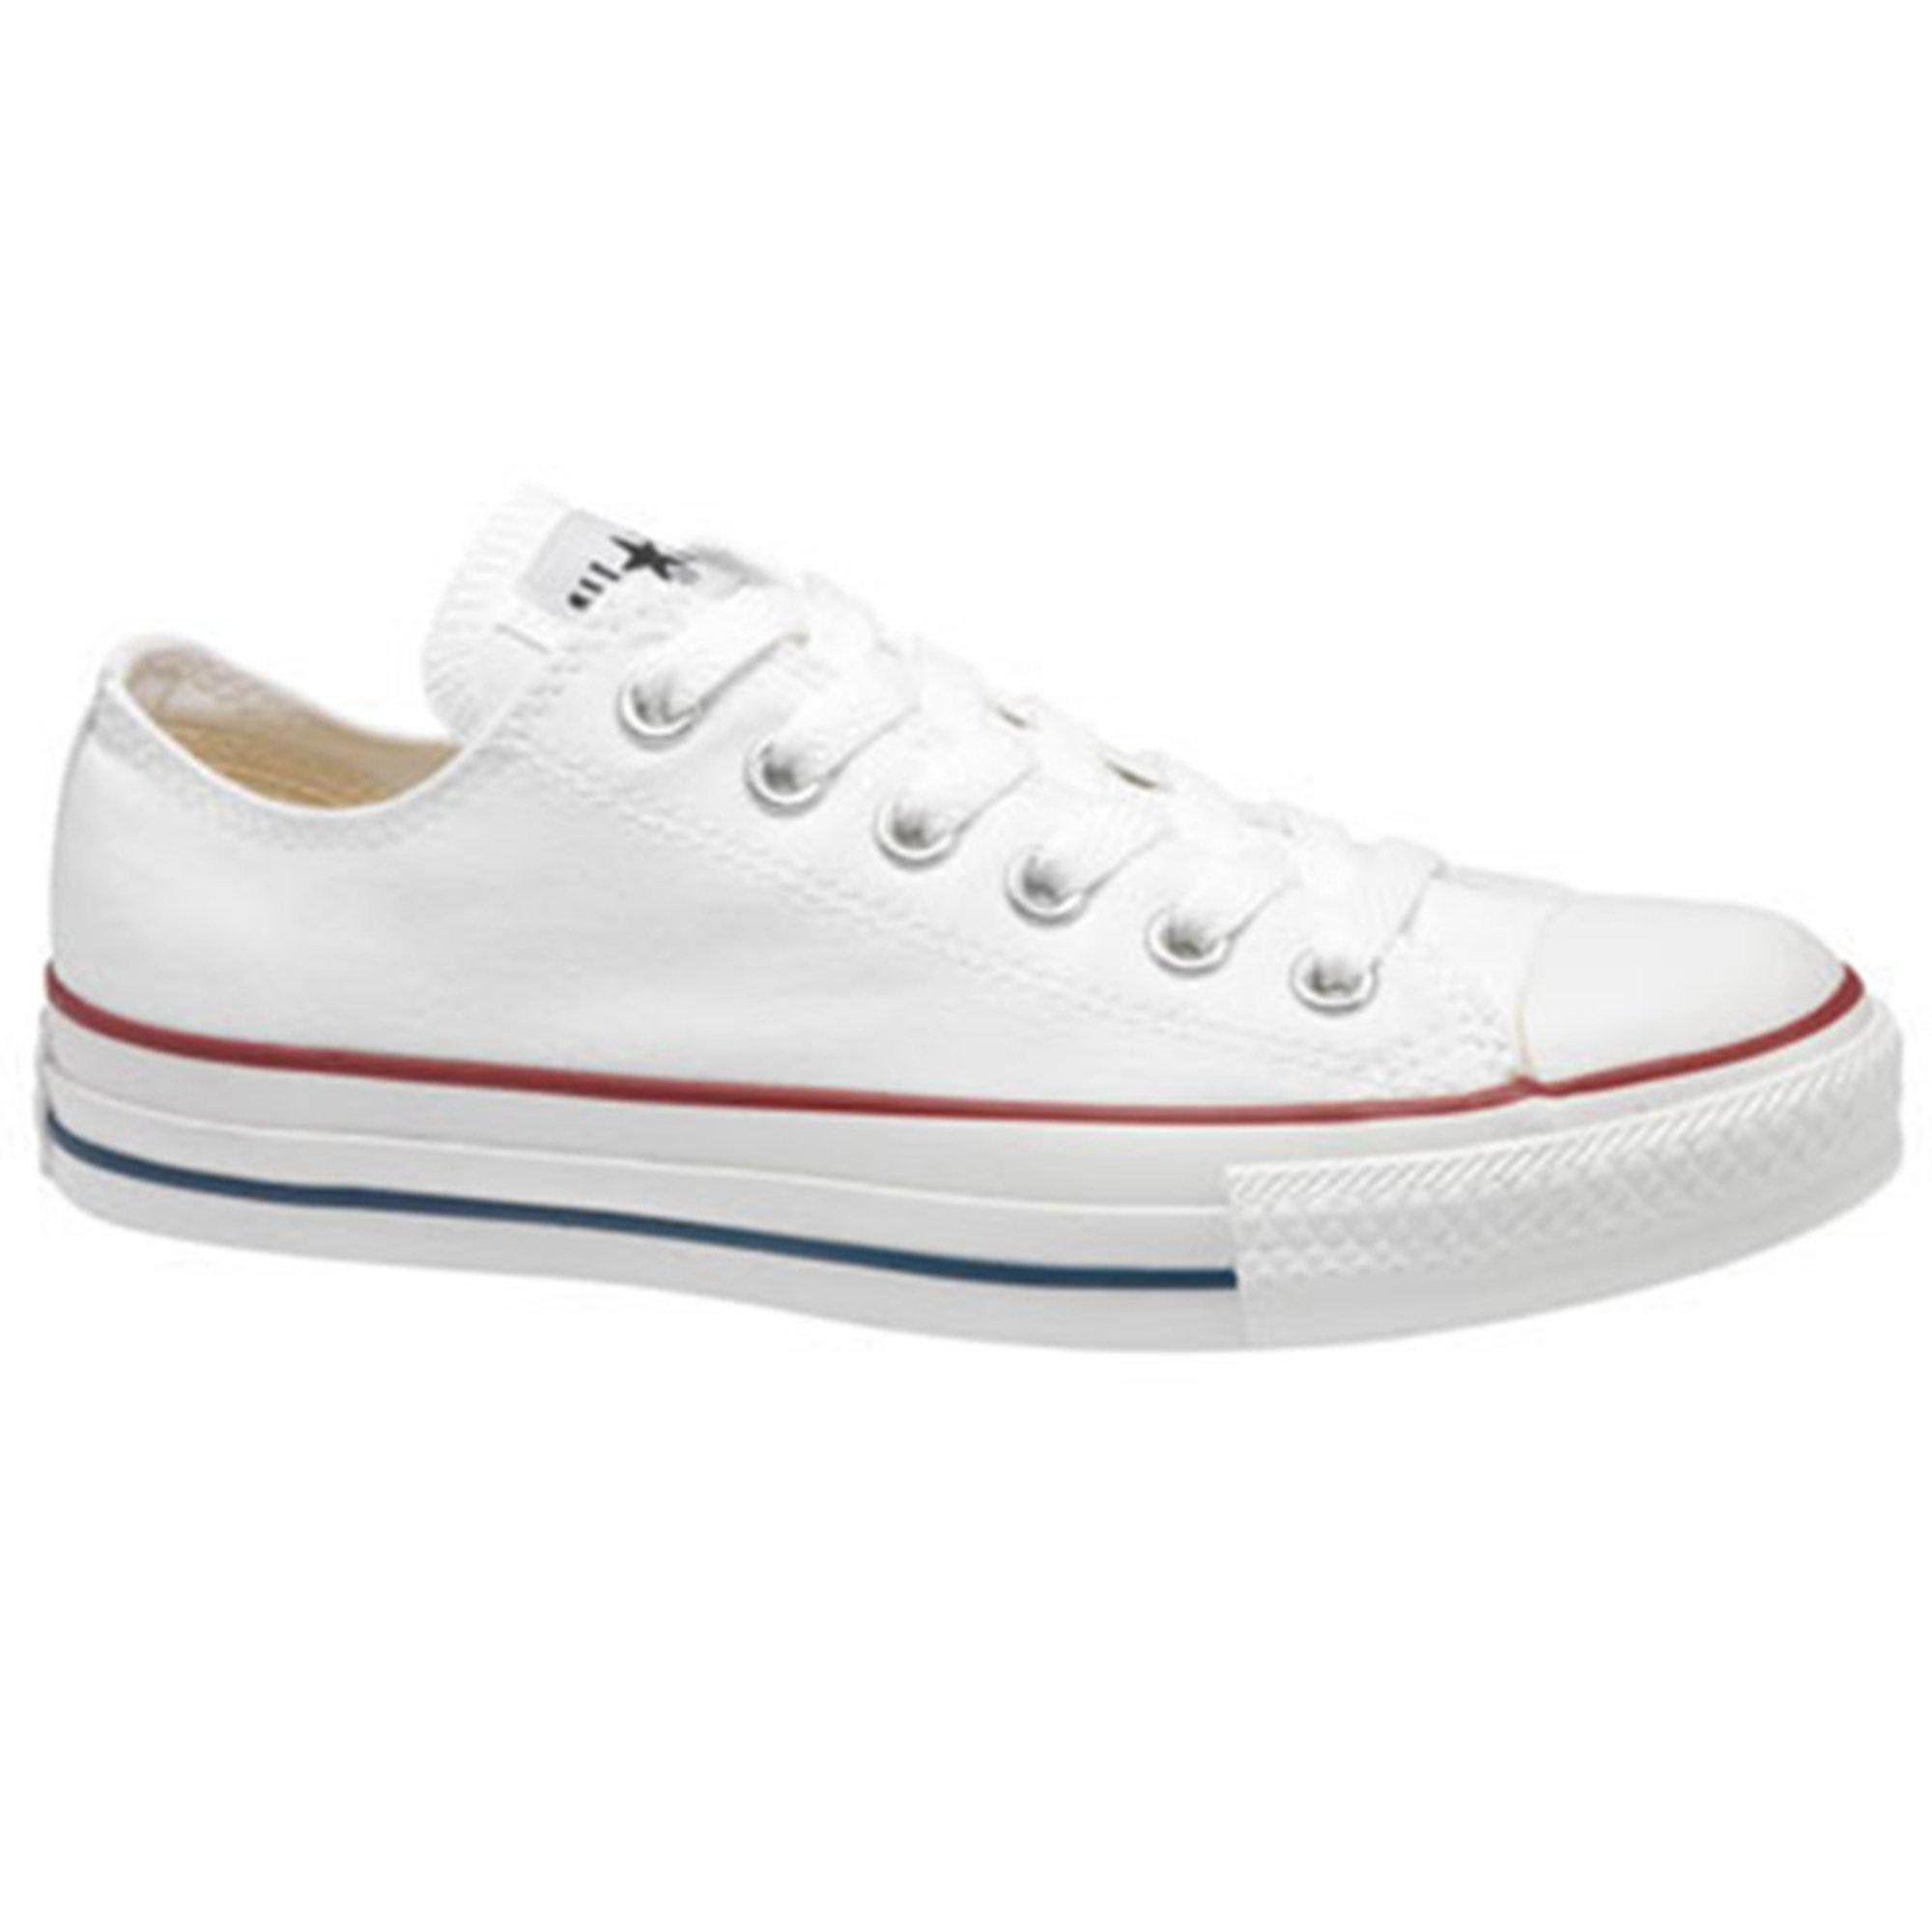 49525050e18 Converse Men s Chuck Taylor All Star Lo Top Basketball Shoe